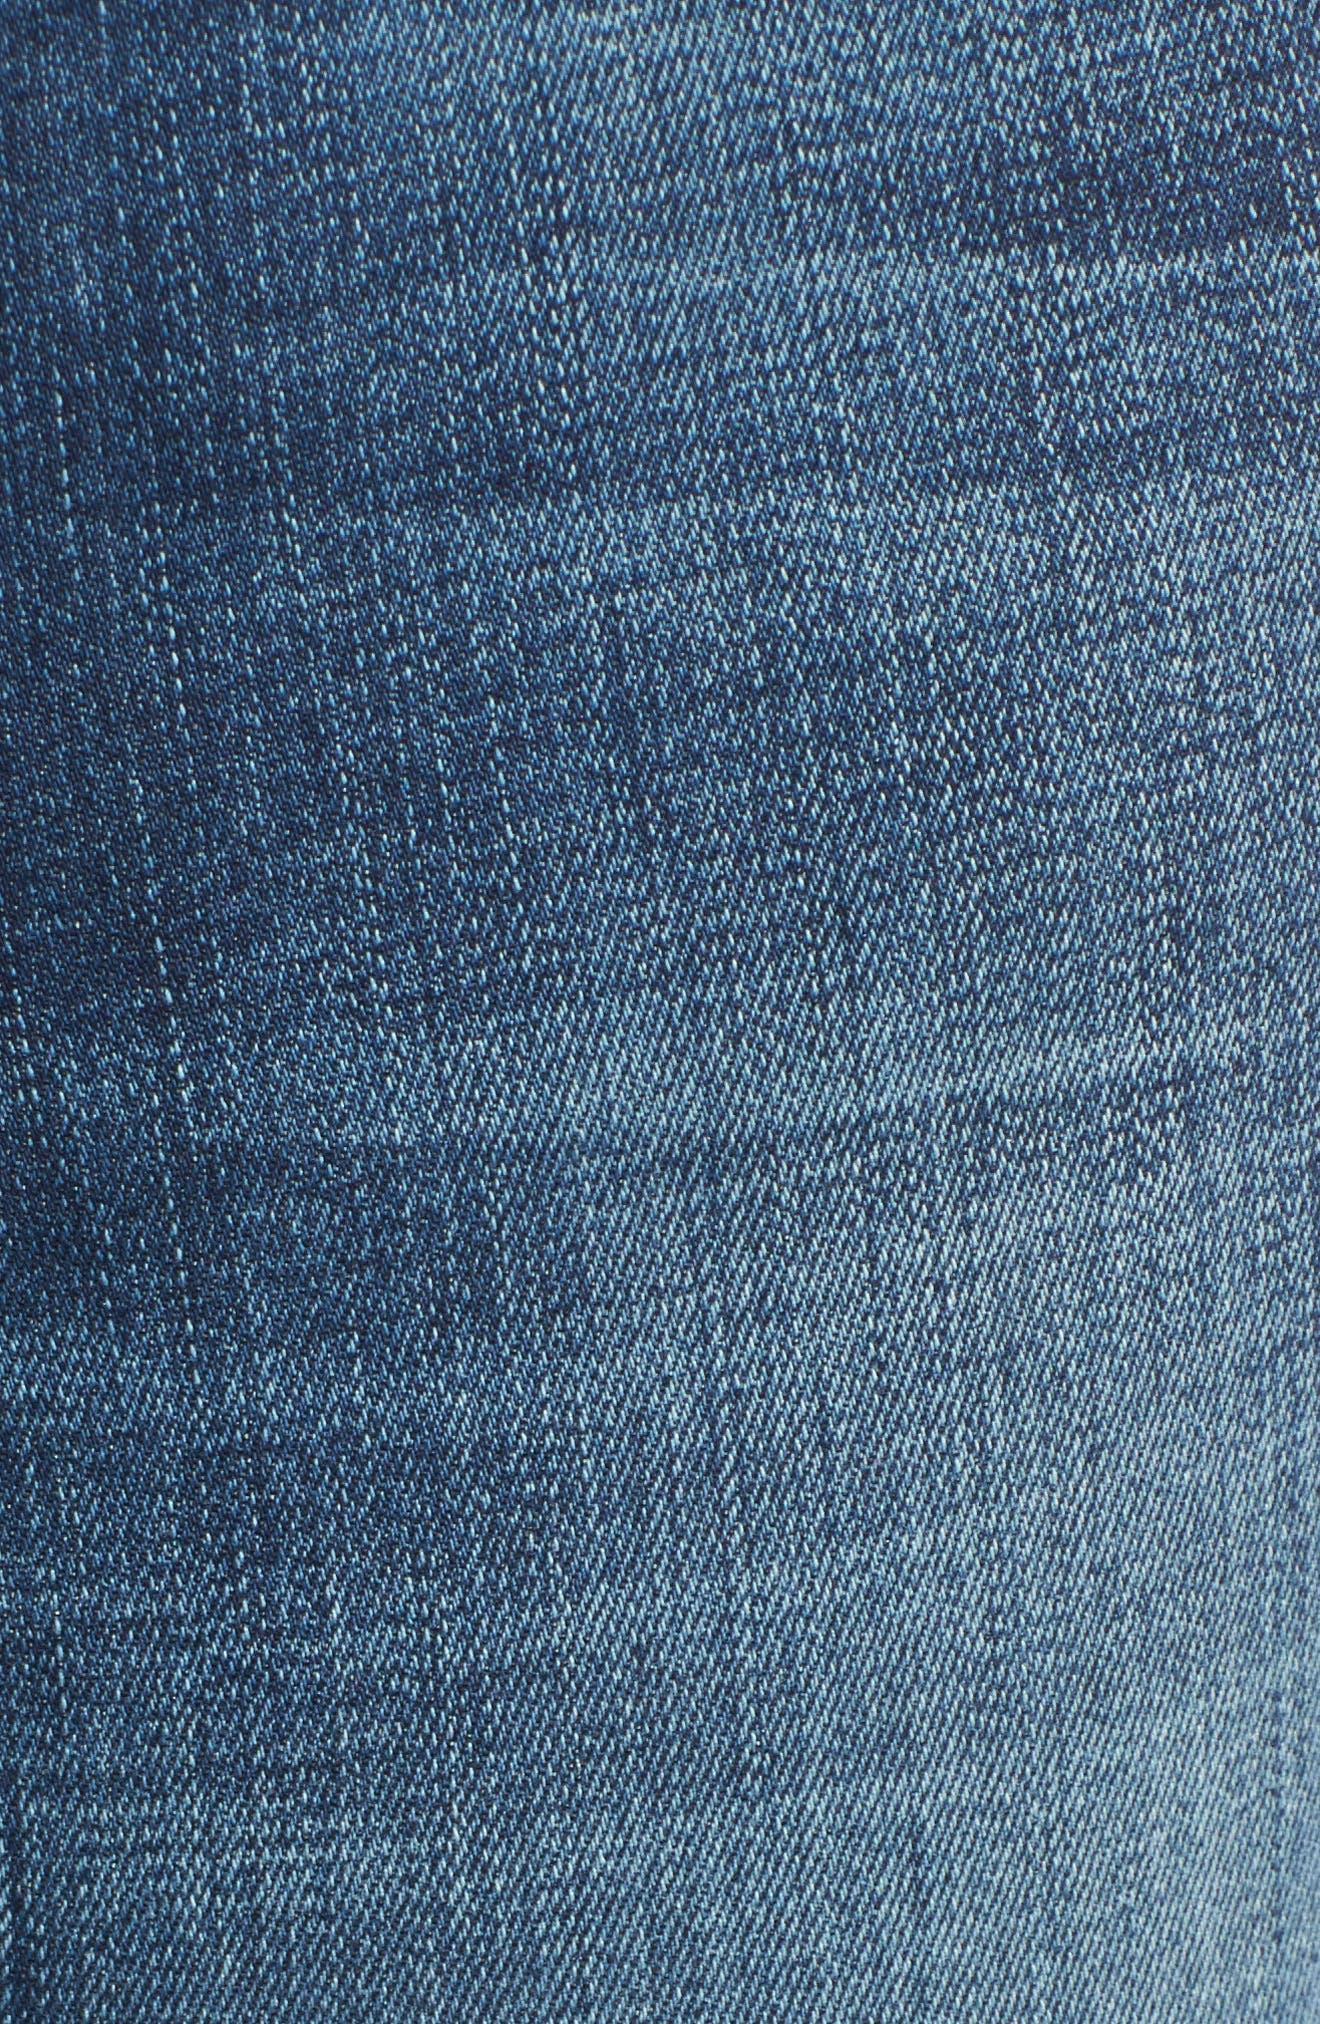 Andie Skinny Crop Jeans,                             Alternate thumbnail 5, color,